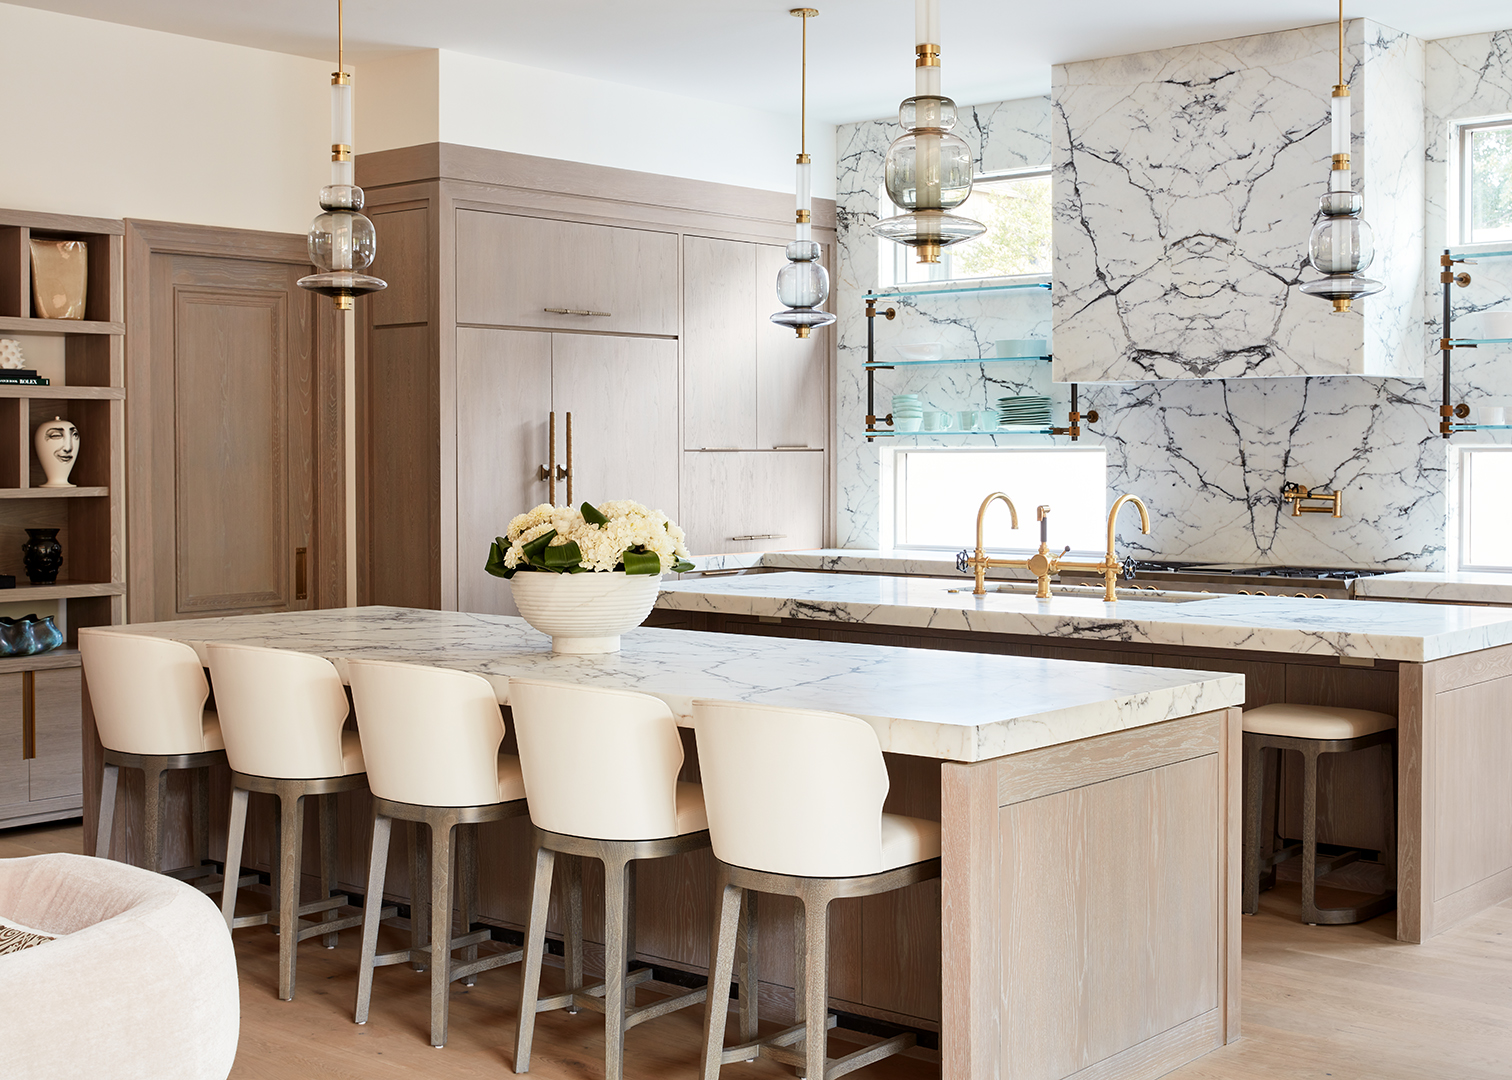 cream modern kitchen design jennifer welch interior design photo by josh welch featuring amuneal shelves